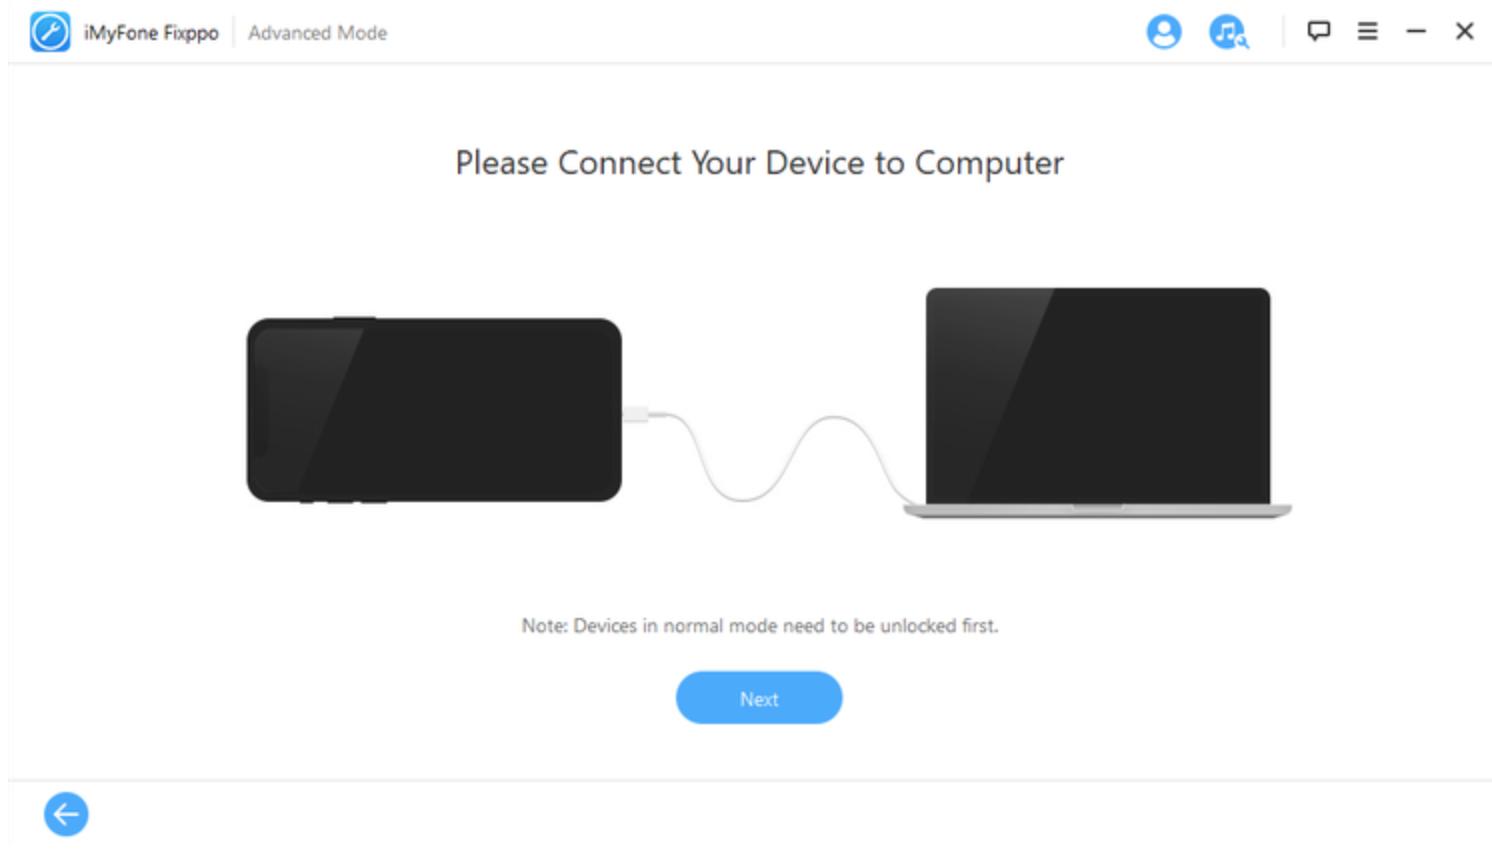 iMyFone Fixppo nedir, nasıl kullanılır?